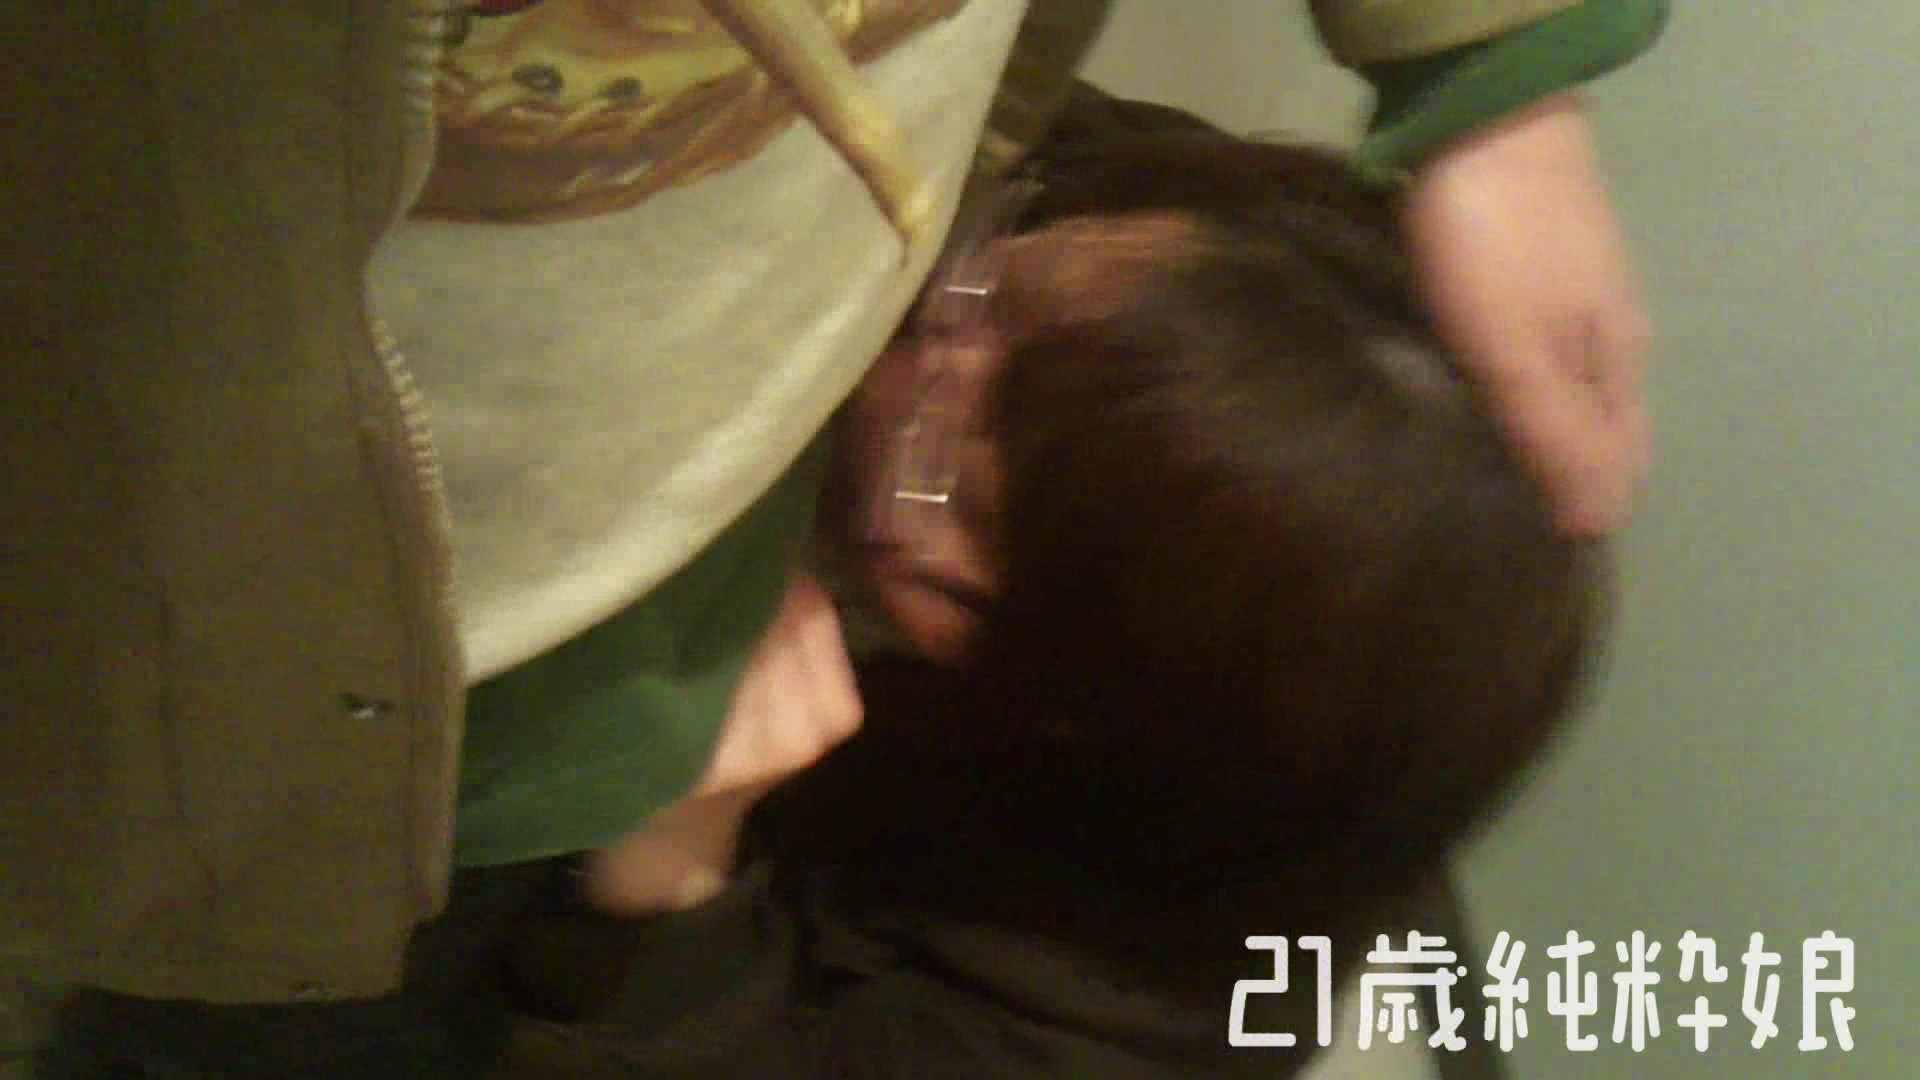 Gカップ21歳純粋嬢第2弾Vol.5 学校  108連発 51